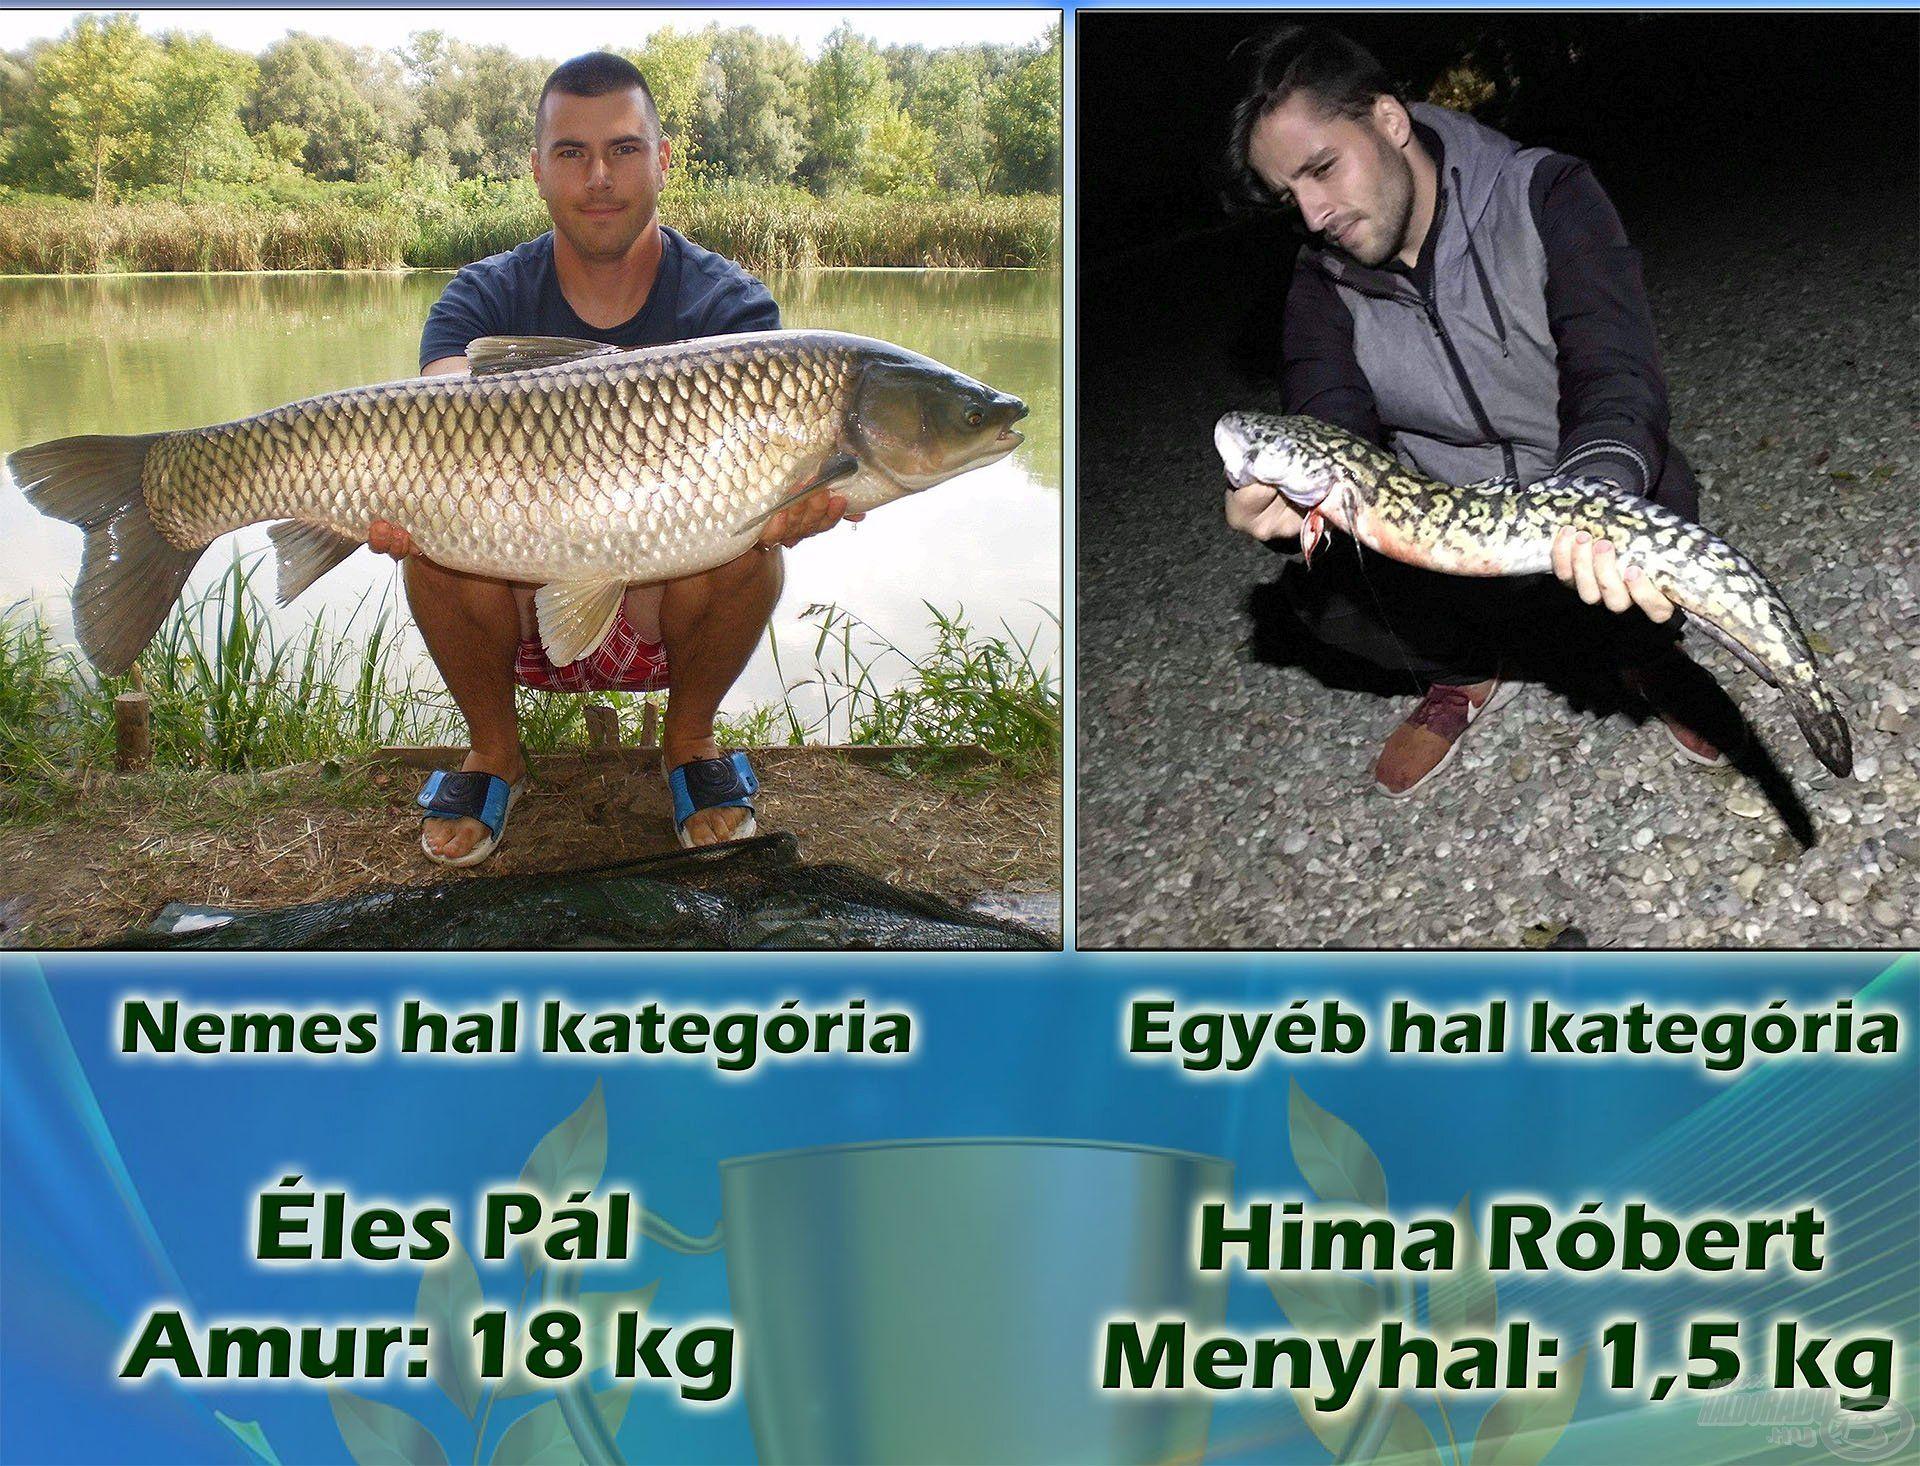 """""""Nemes hal"""" kategóriában a szavazatok 35,4%-ával Éles Pál, azaz """"Cunami"""" lett az első, kapitális amurjával, míg az """"Egyéb hal"""" kategória győztese Hima Róbert, alias """"Robi971228"""" és gyönyörű menyhala lett, nem kevesebb, mint 43,3%-kal"""